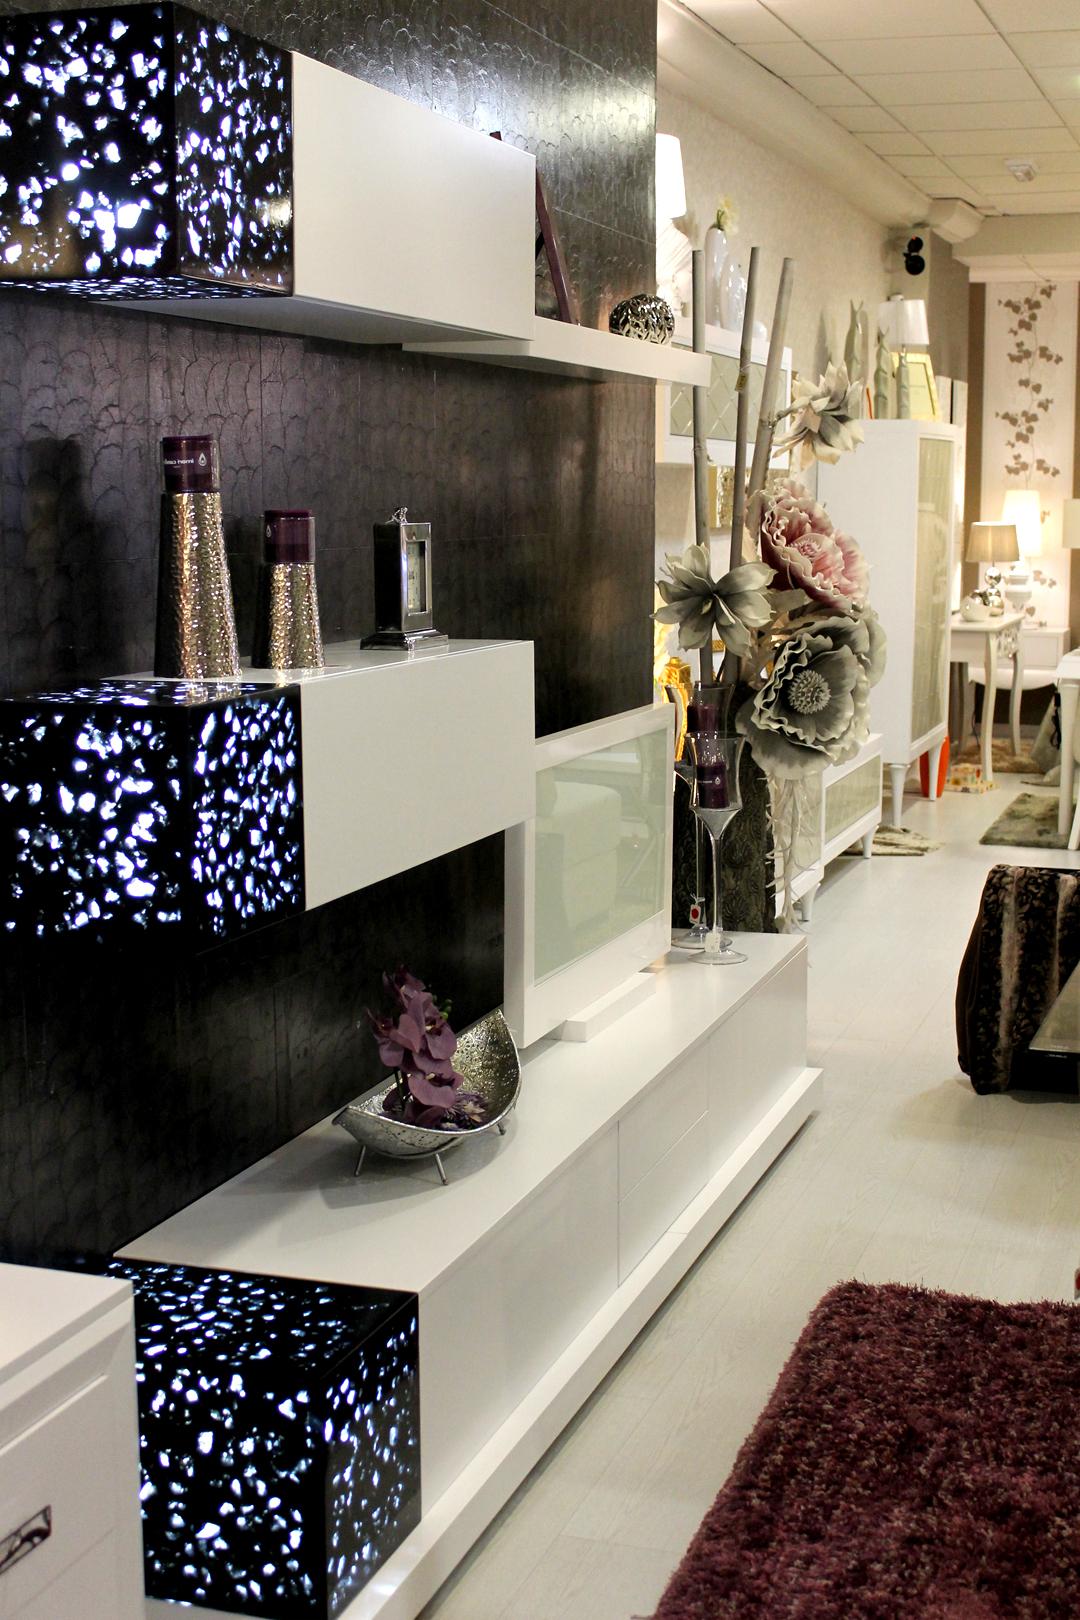 Tiendas De Muebles Granada Q5df Nuestra Tienda Samarkanda Muebles Decoracion Granada Diseà O